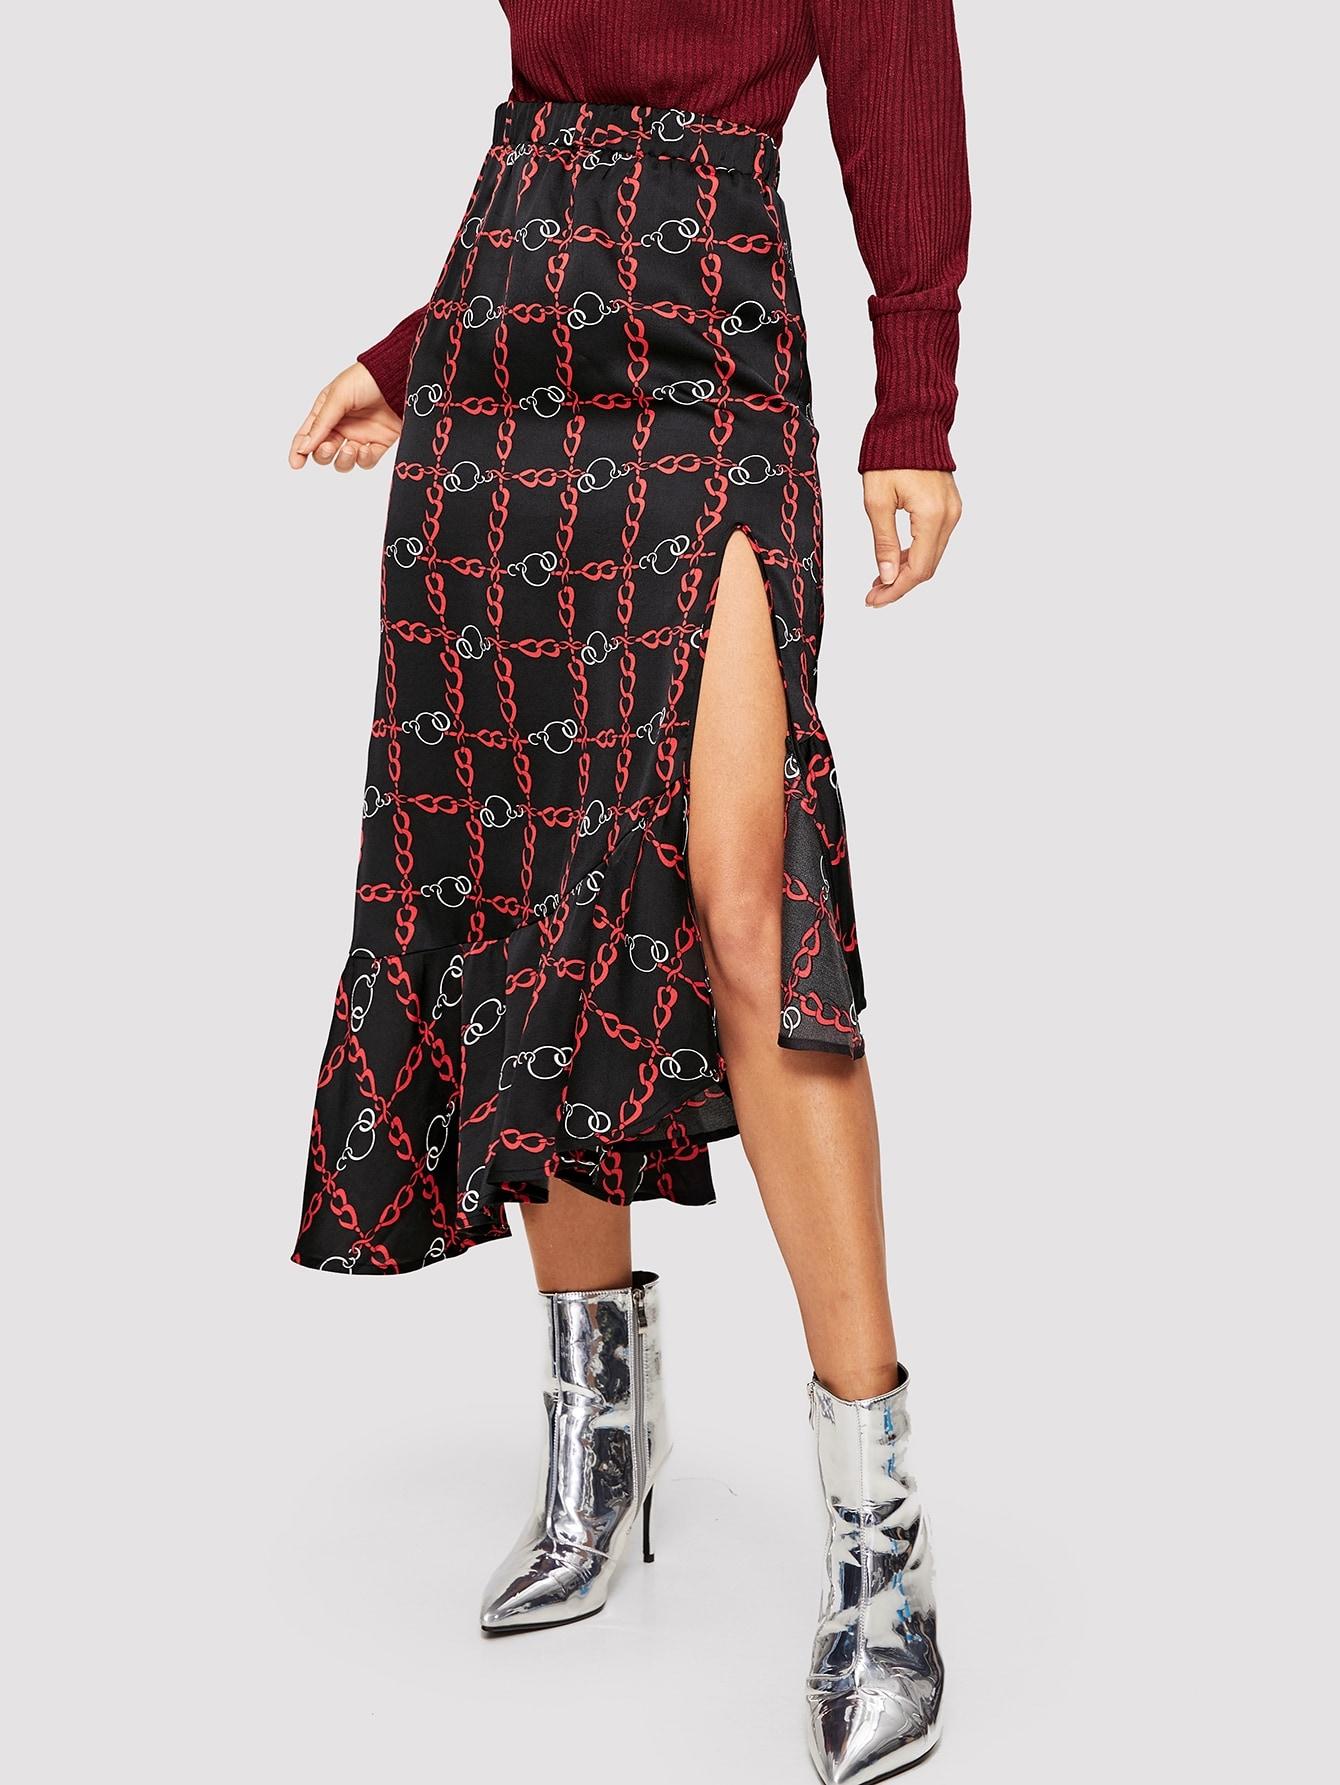 Купить Асимметричная юбка с цепным принтом, Juliana, SheIn